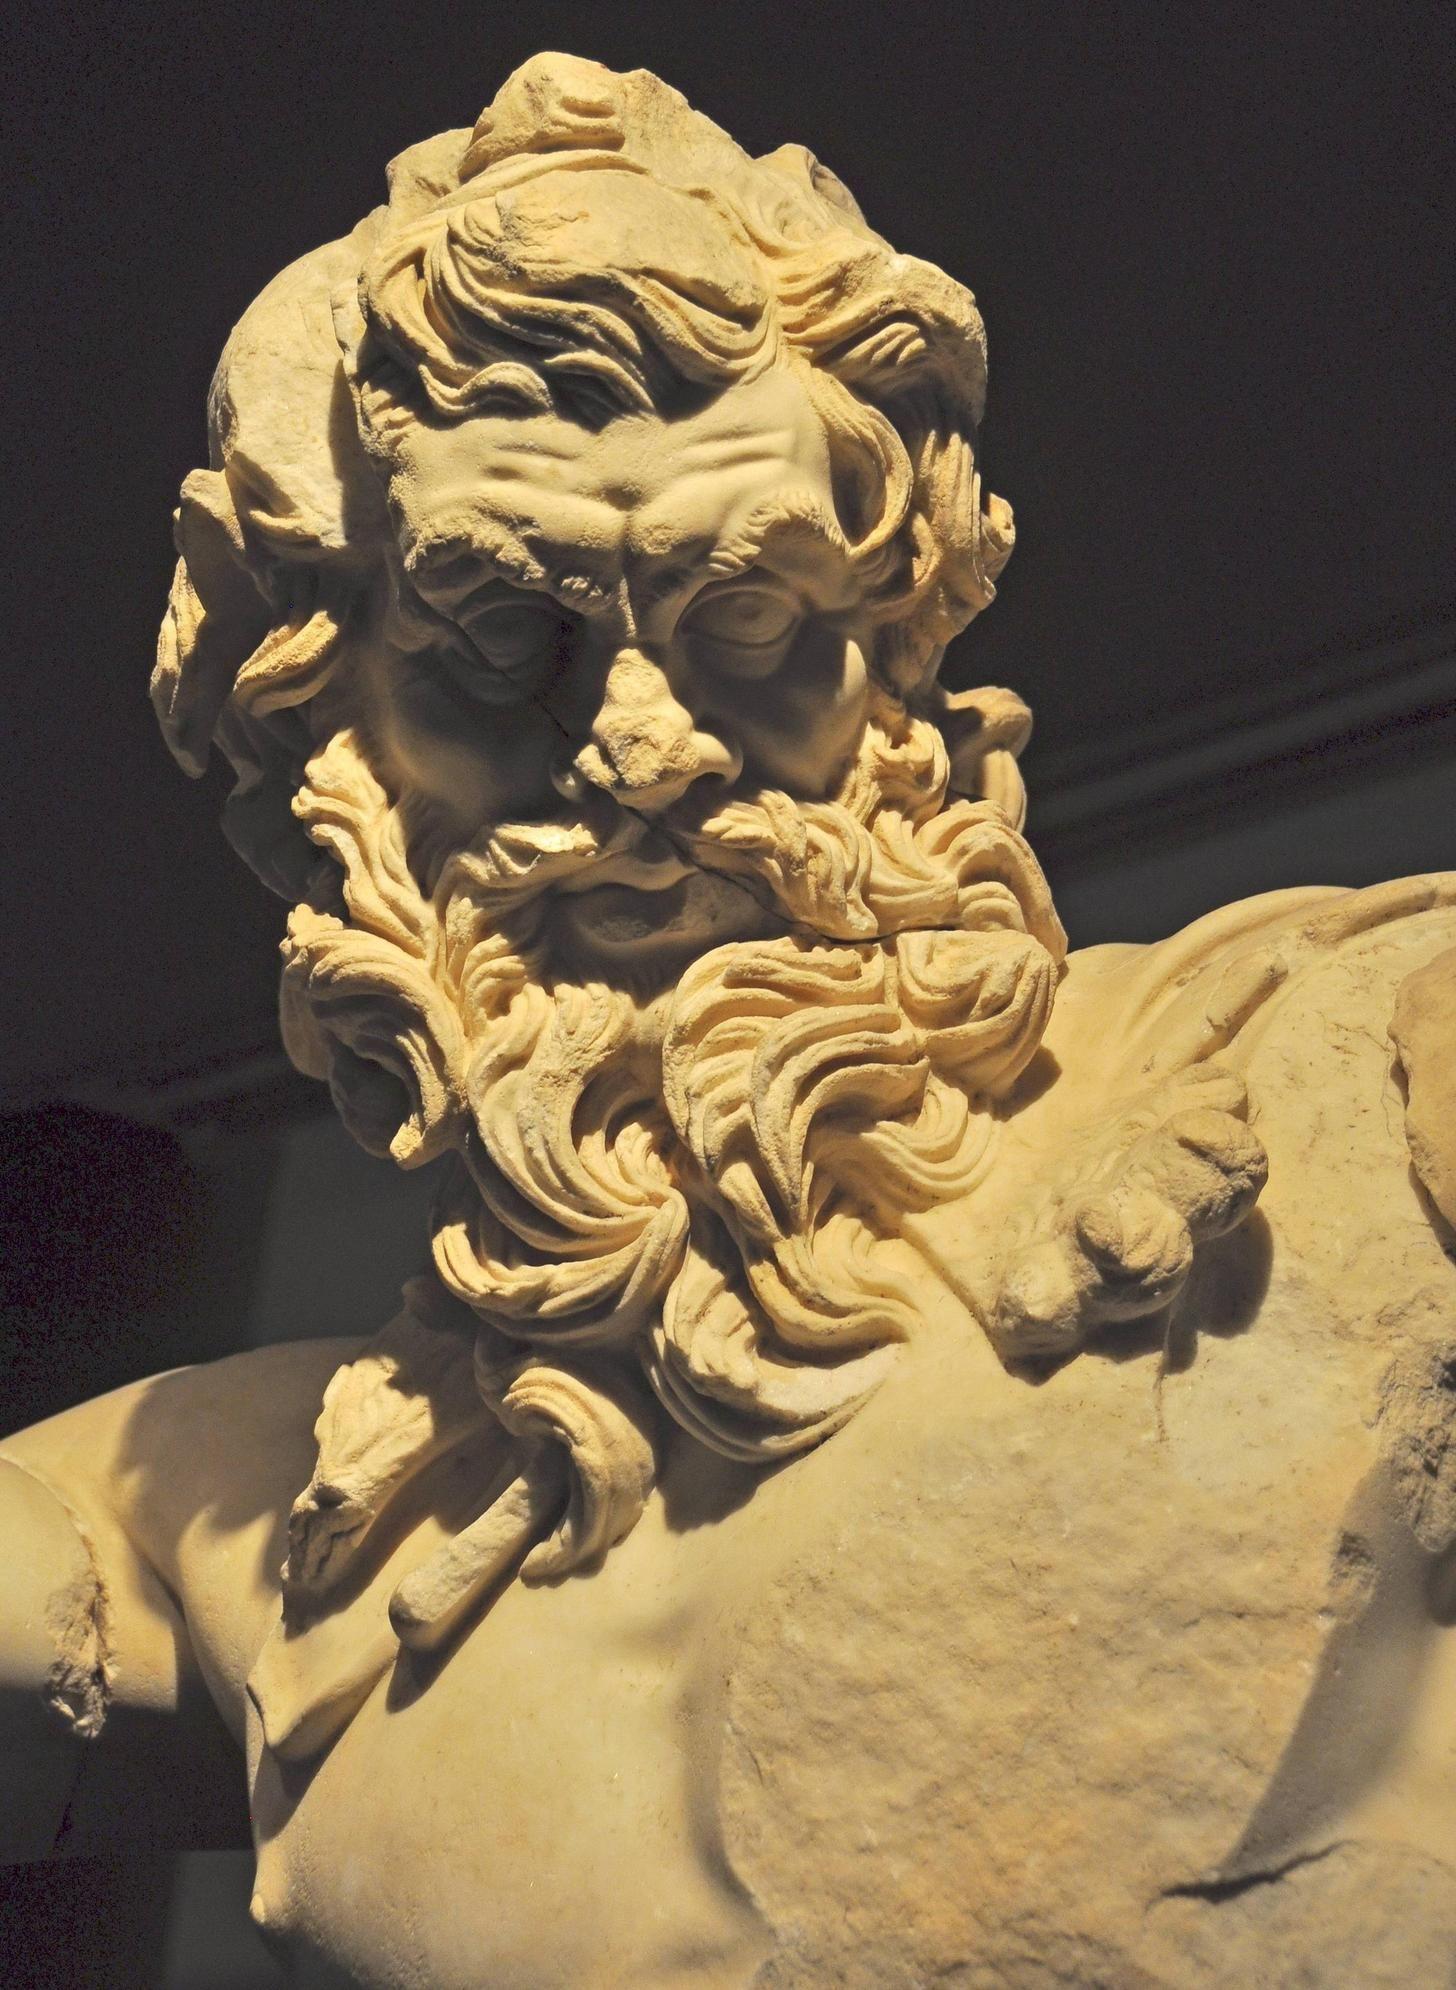 Statue Of Zeus Antalya Museum Turkey. In 2019